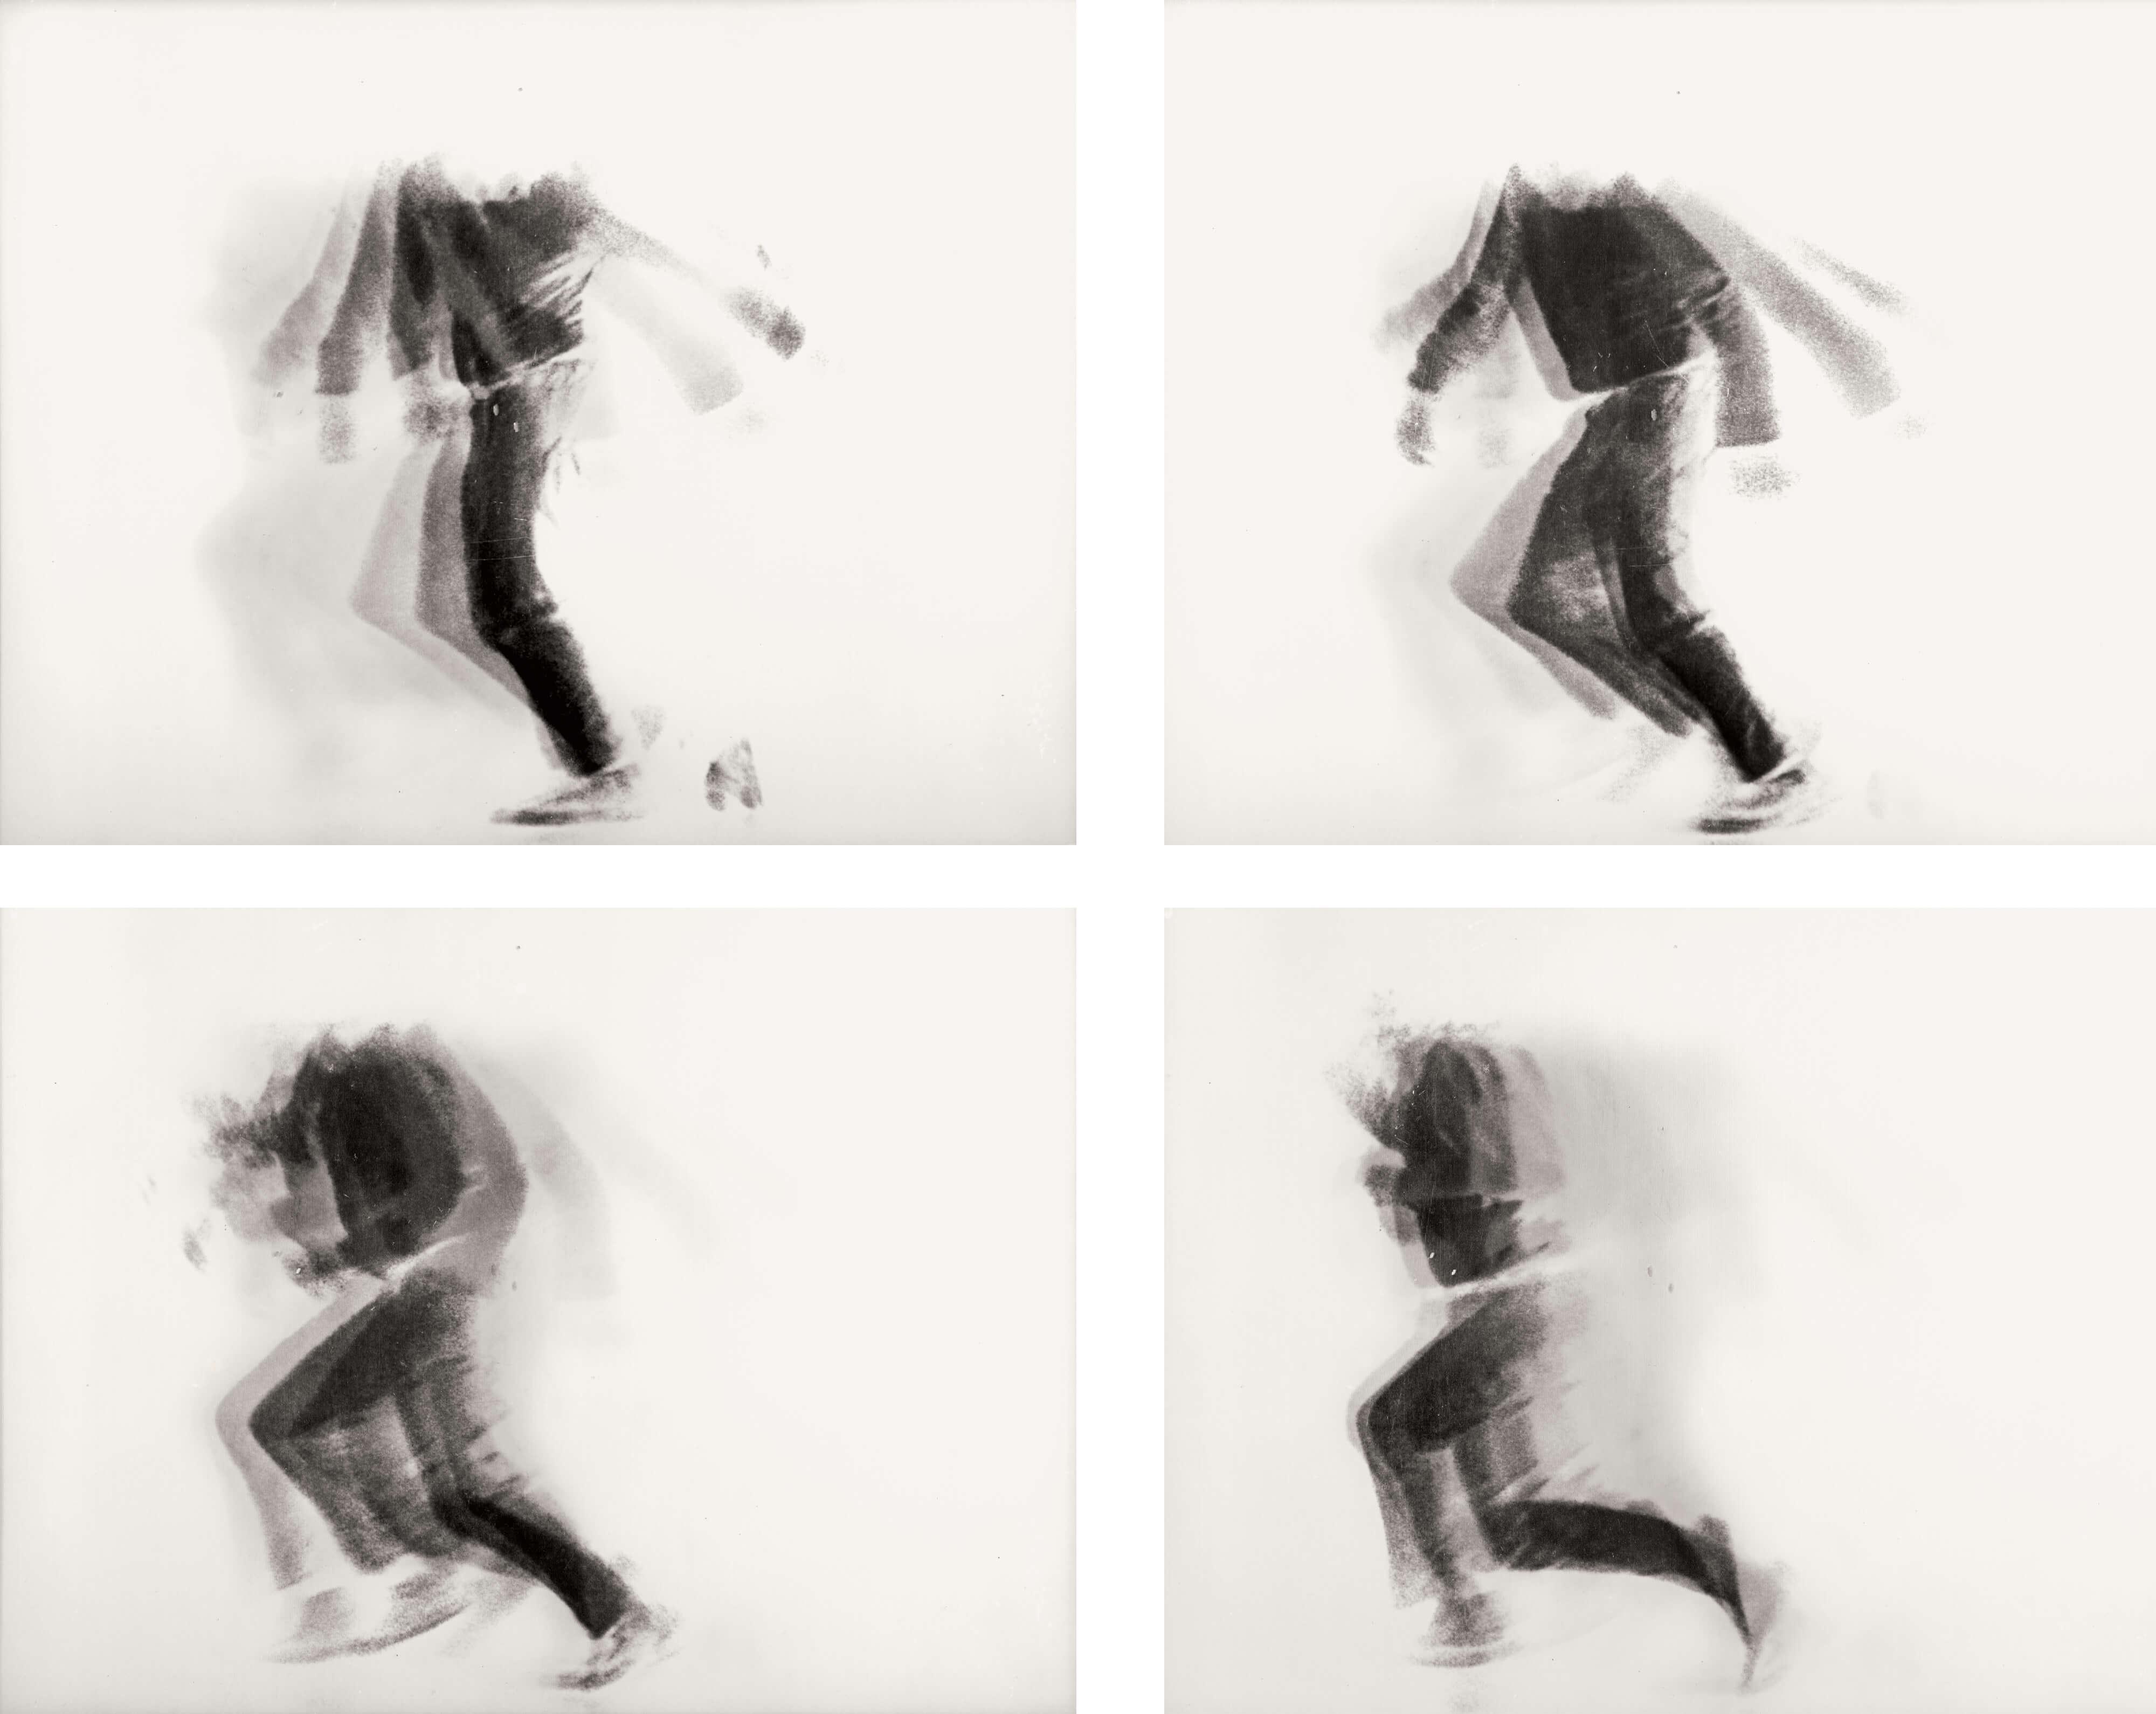 Alfons Schilling The Falling Man, 1969 Linsenrasterfotografie, 4 Ansichten © Nachlass Alfons Schilling.